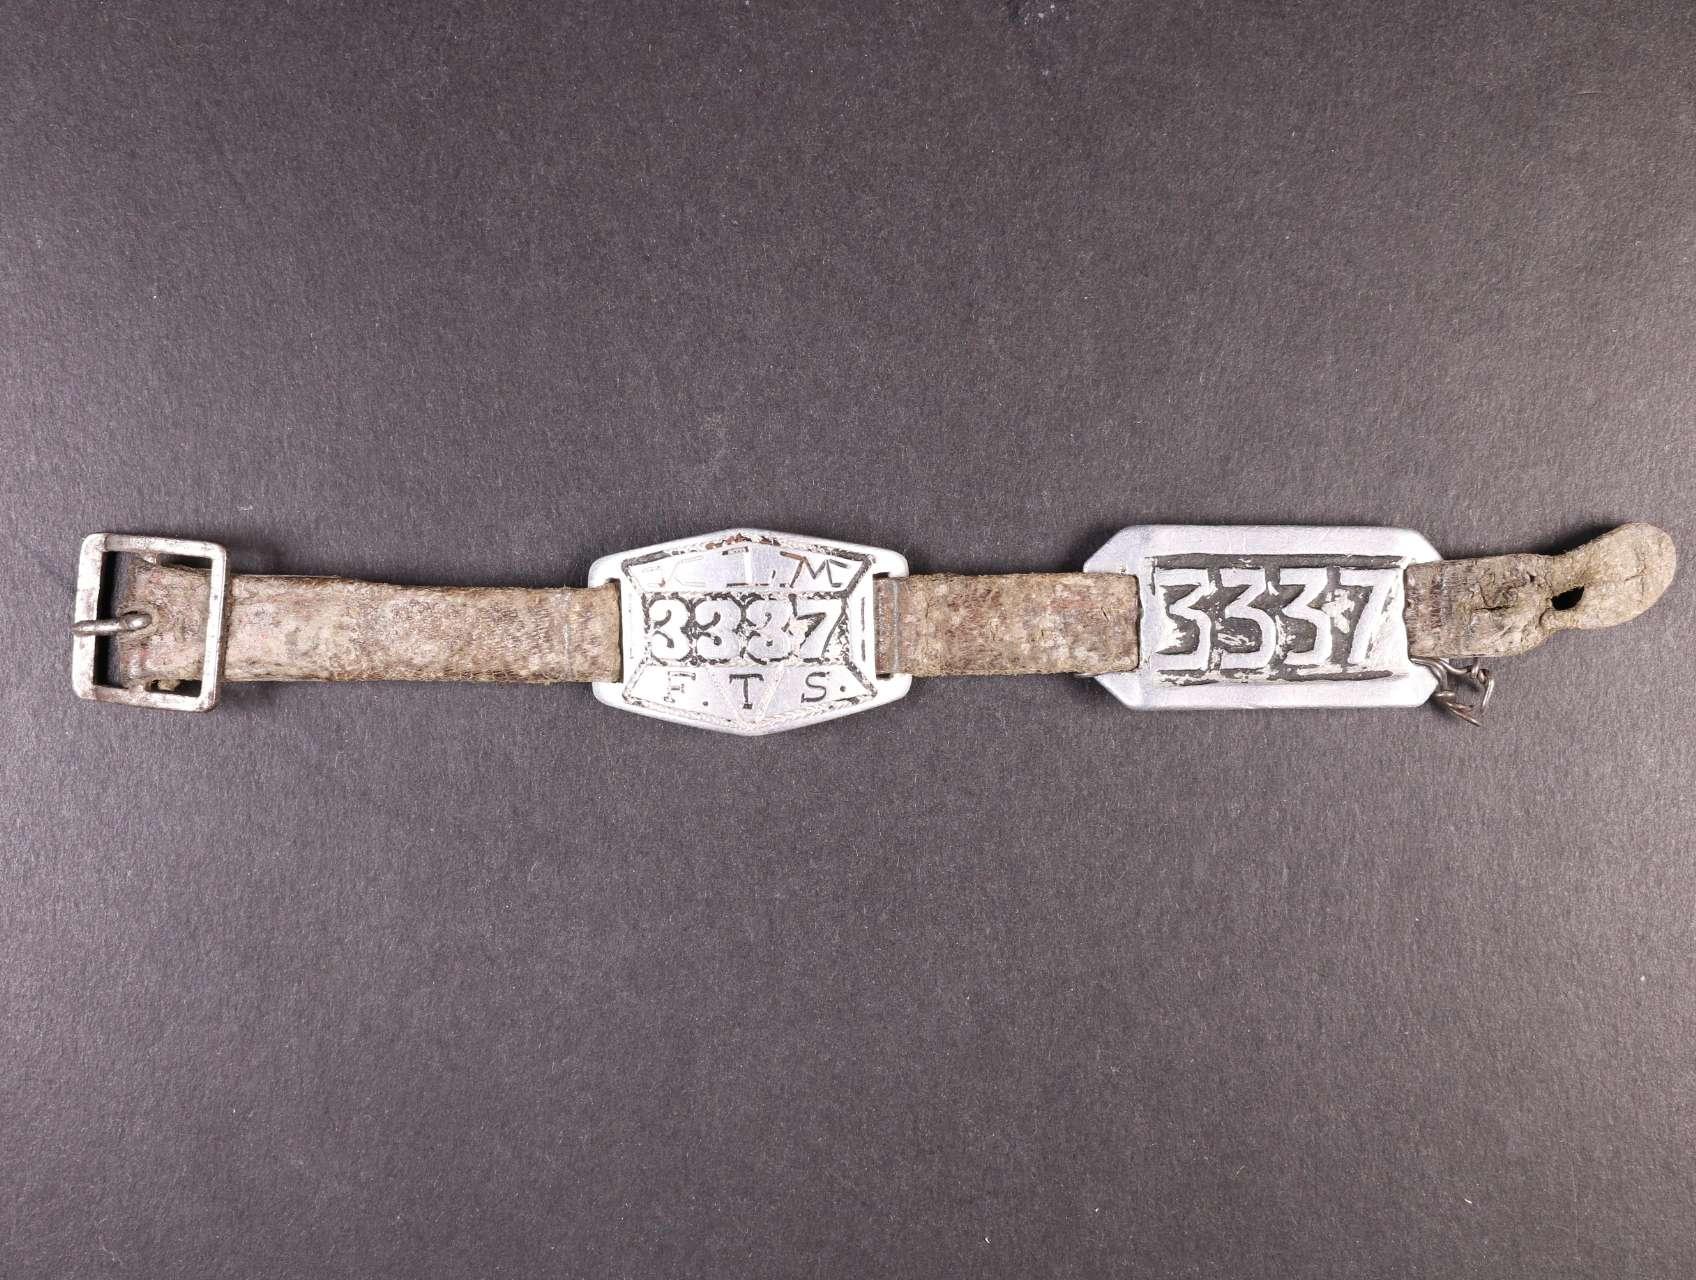 Terezín - kožený pásek na ruku se dvěma kovovými štítky - na prvním vyražen nápis K.L.M. a číslo 3337, pod tím písmena F.T.S. (Festung Theresienstadt), na druhém štítku vyraženo číslo 3337, zajímavé